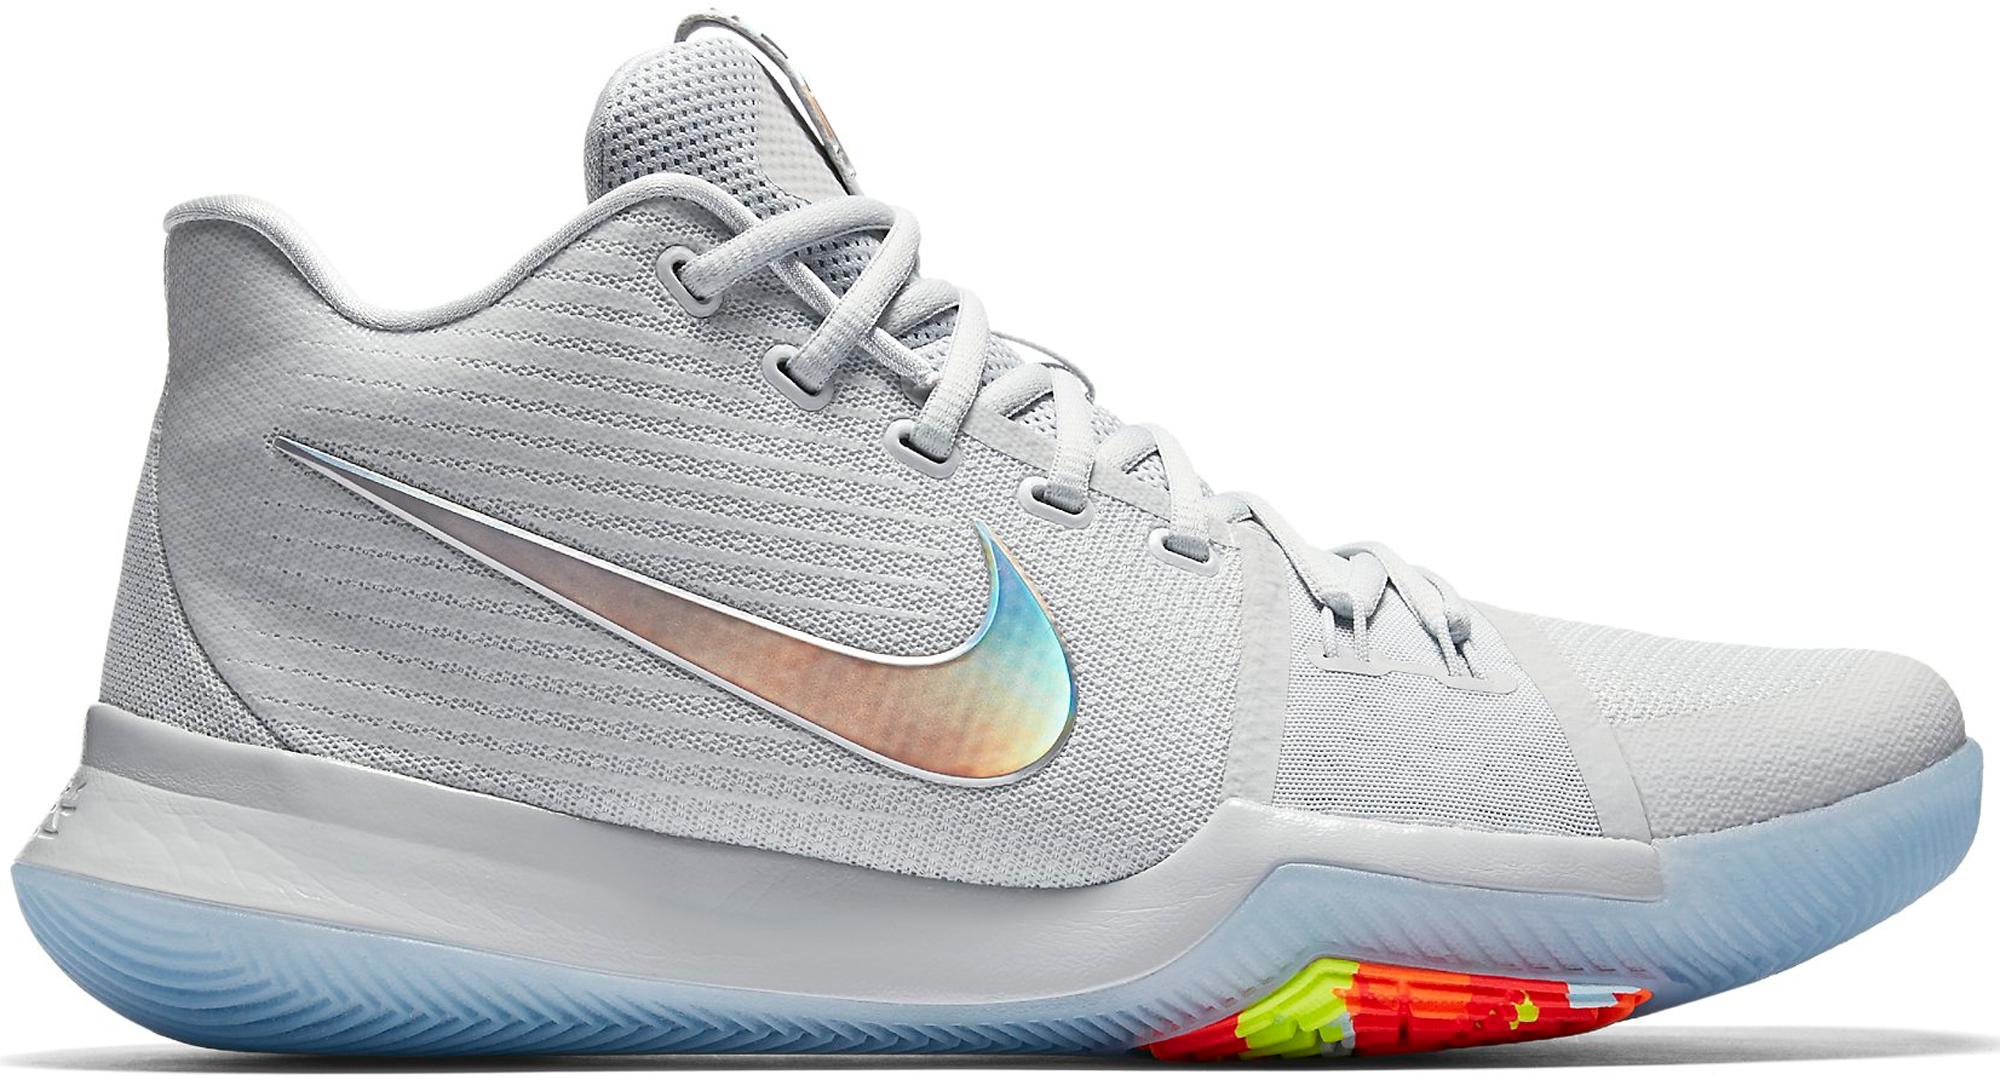 Nike Kyrie 3 Time to Shine - 852416-001